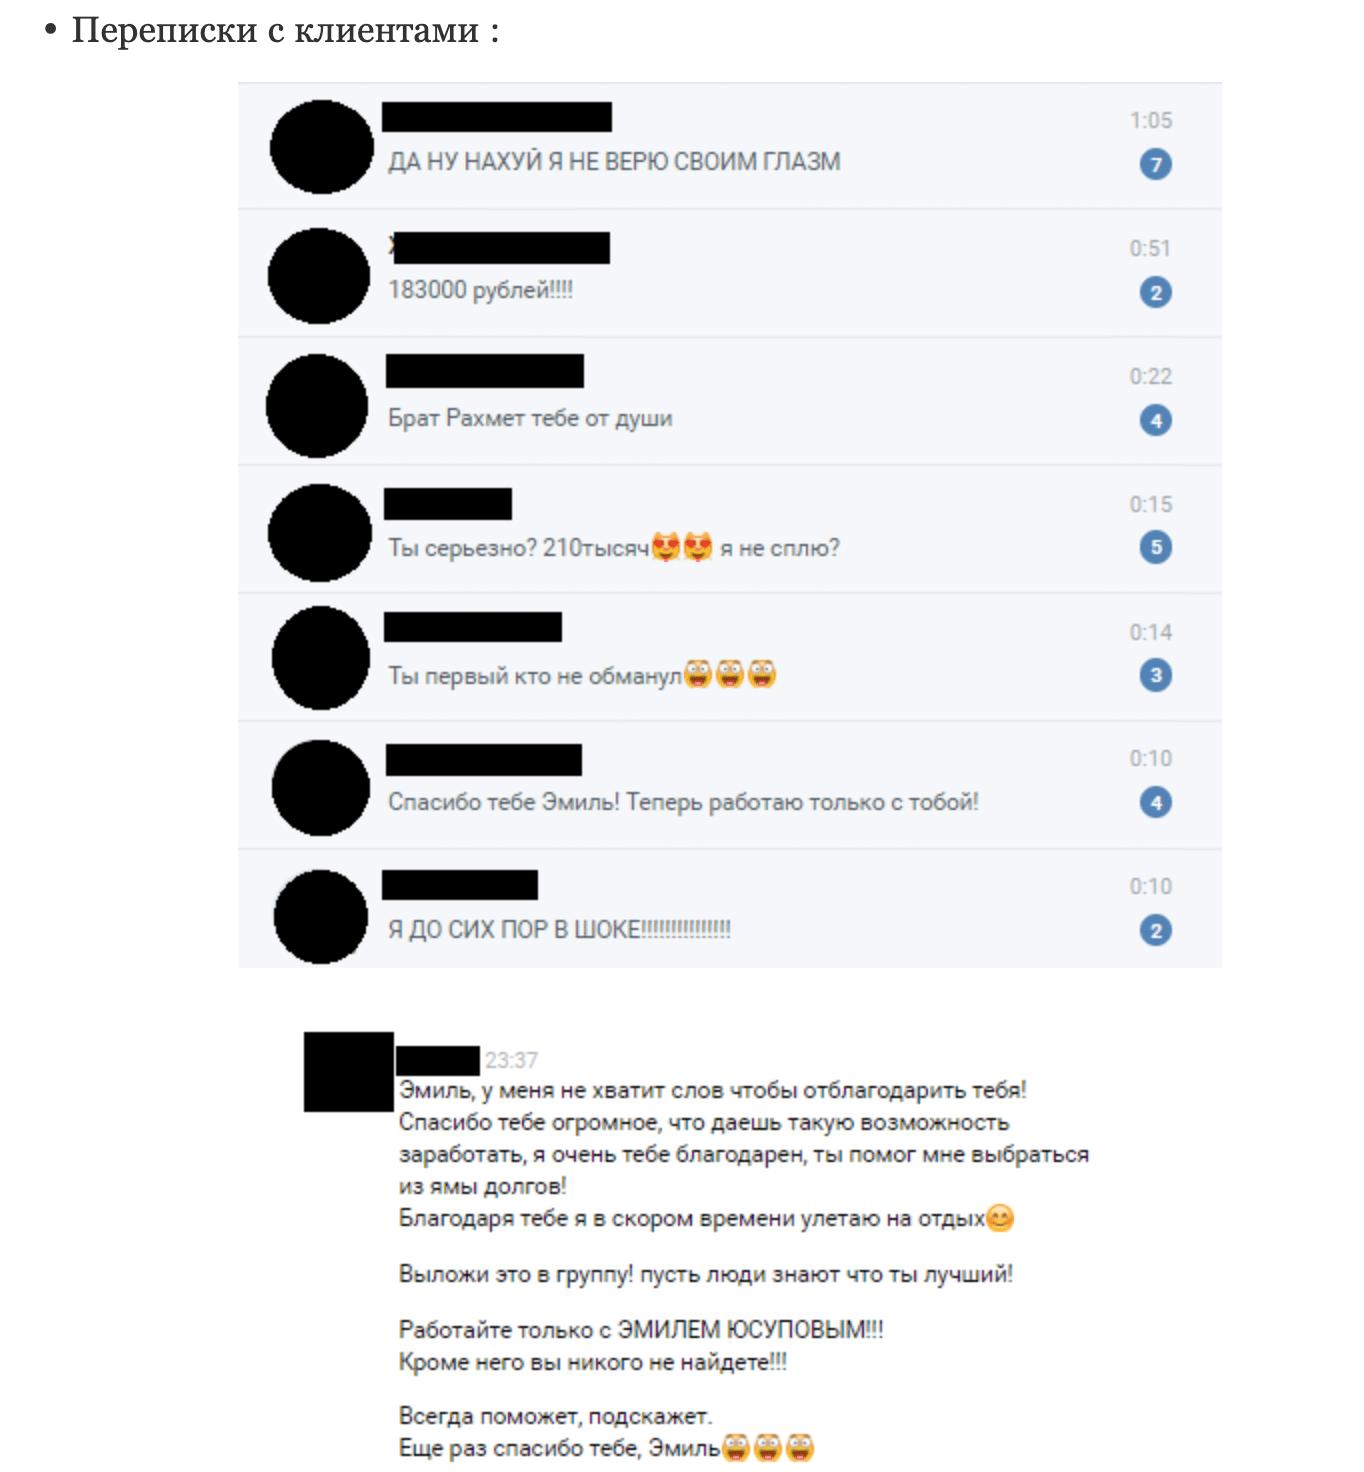 Переписка с клиентами автора проекта Договорные Матчи/Эмиль Юсупов